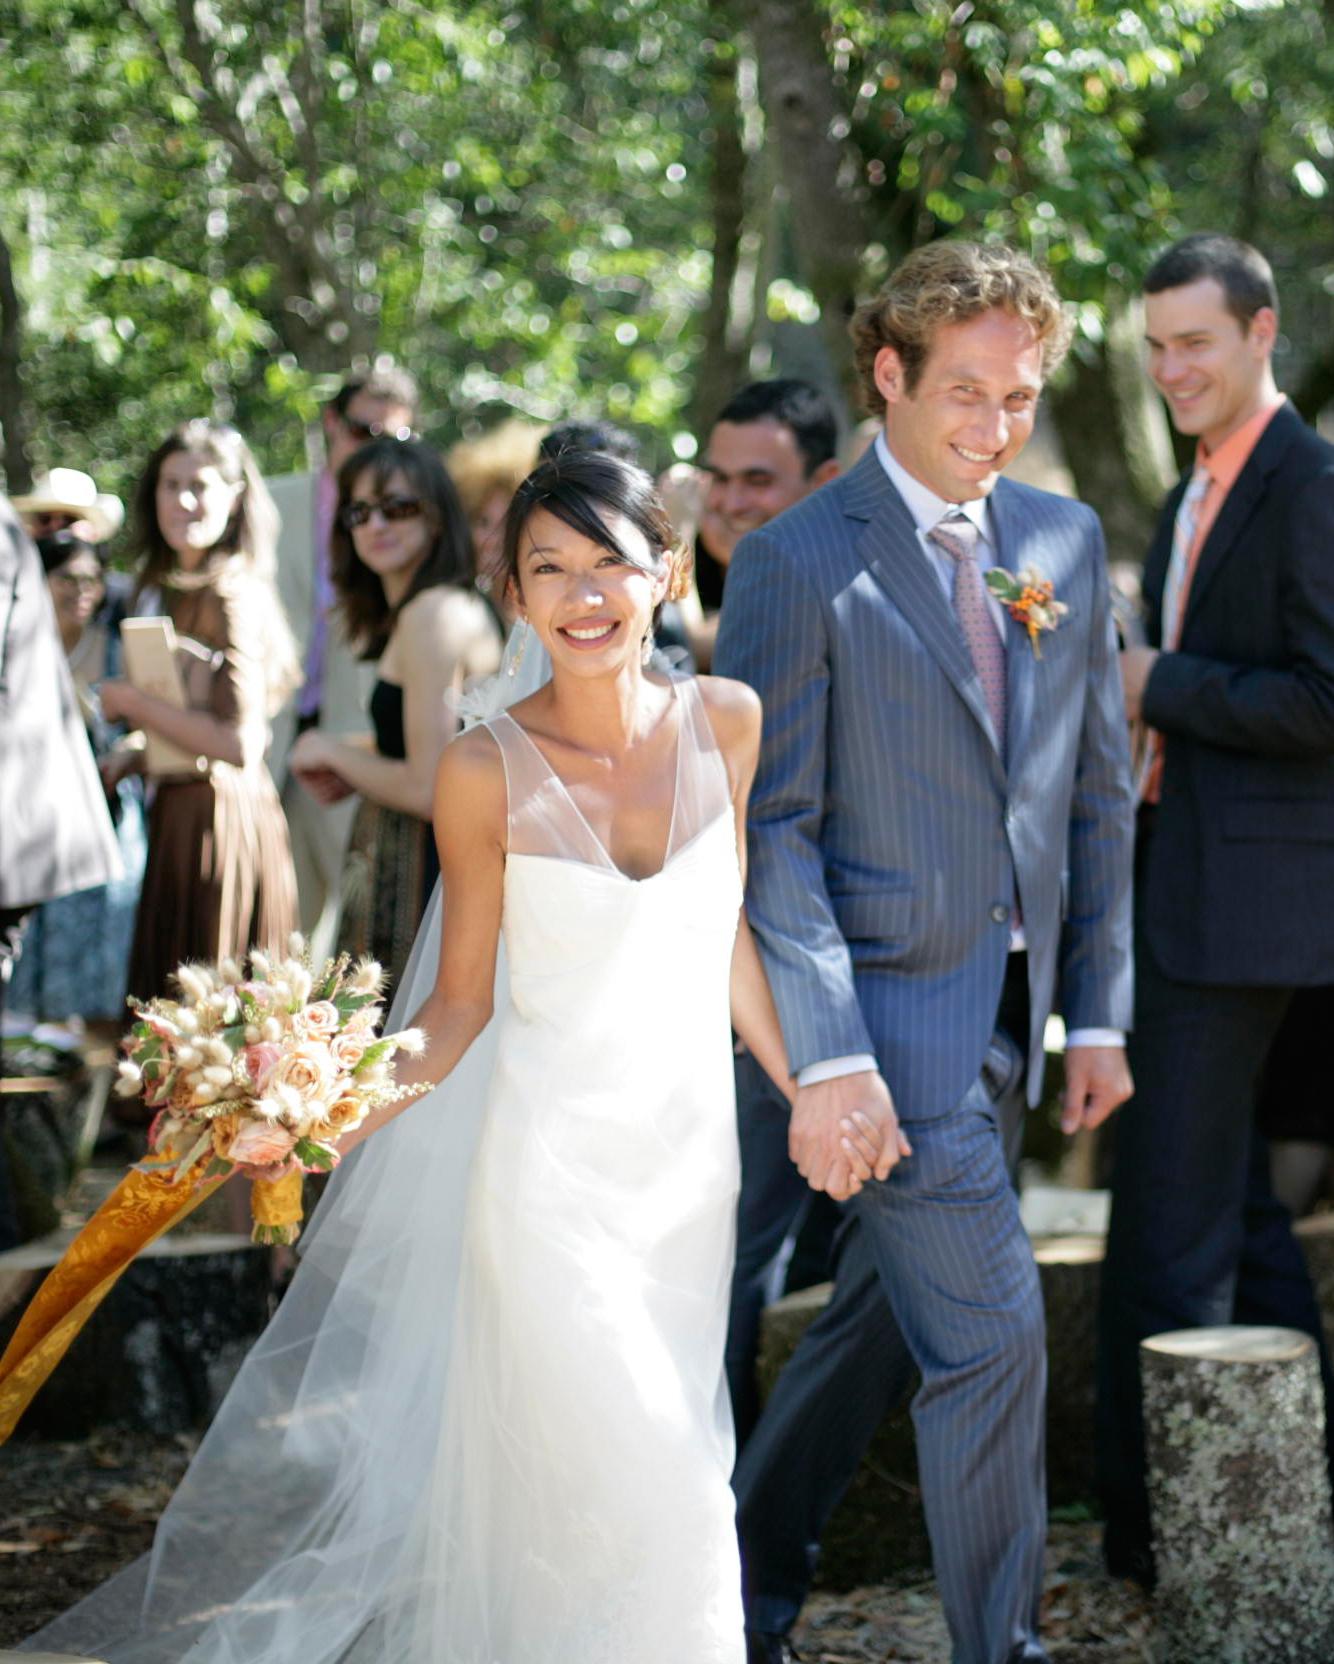 best-registry-editors-picks-kate-wedding-0629.jpg